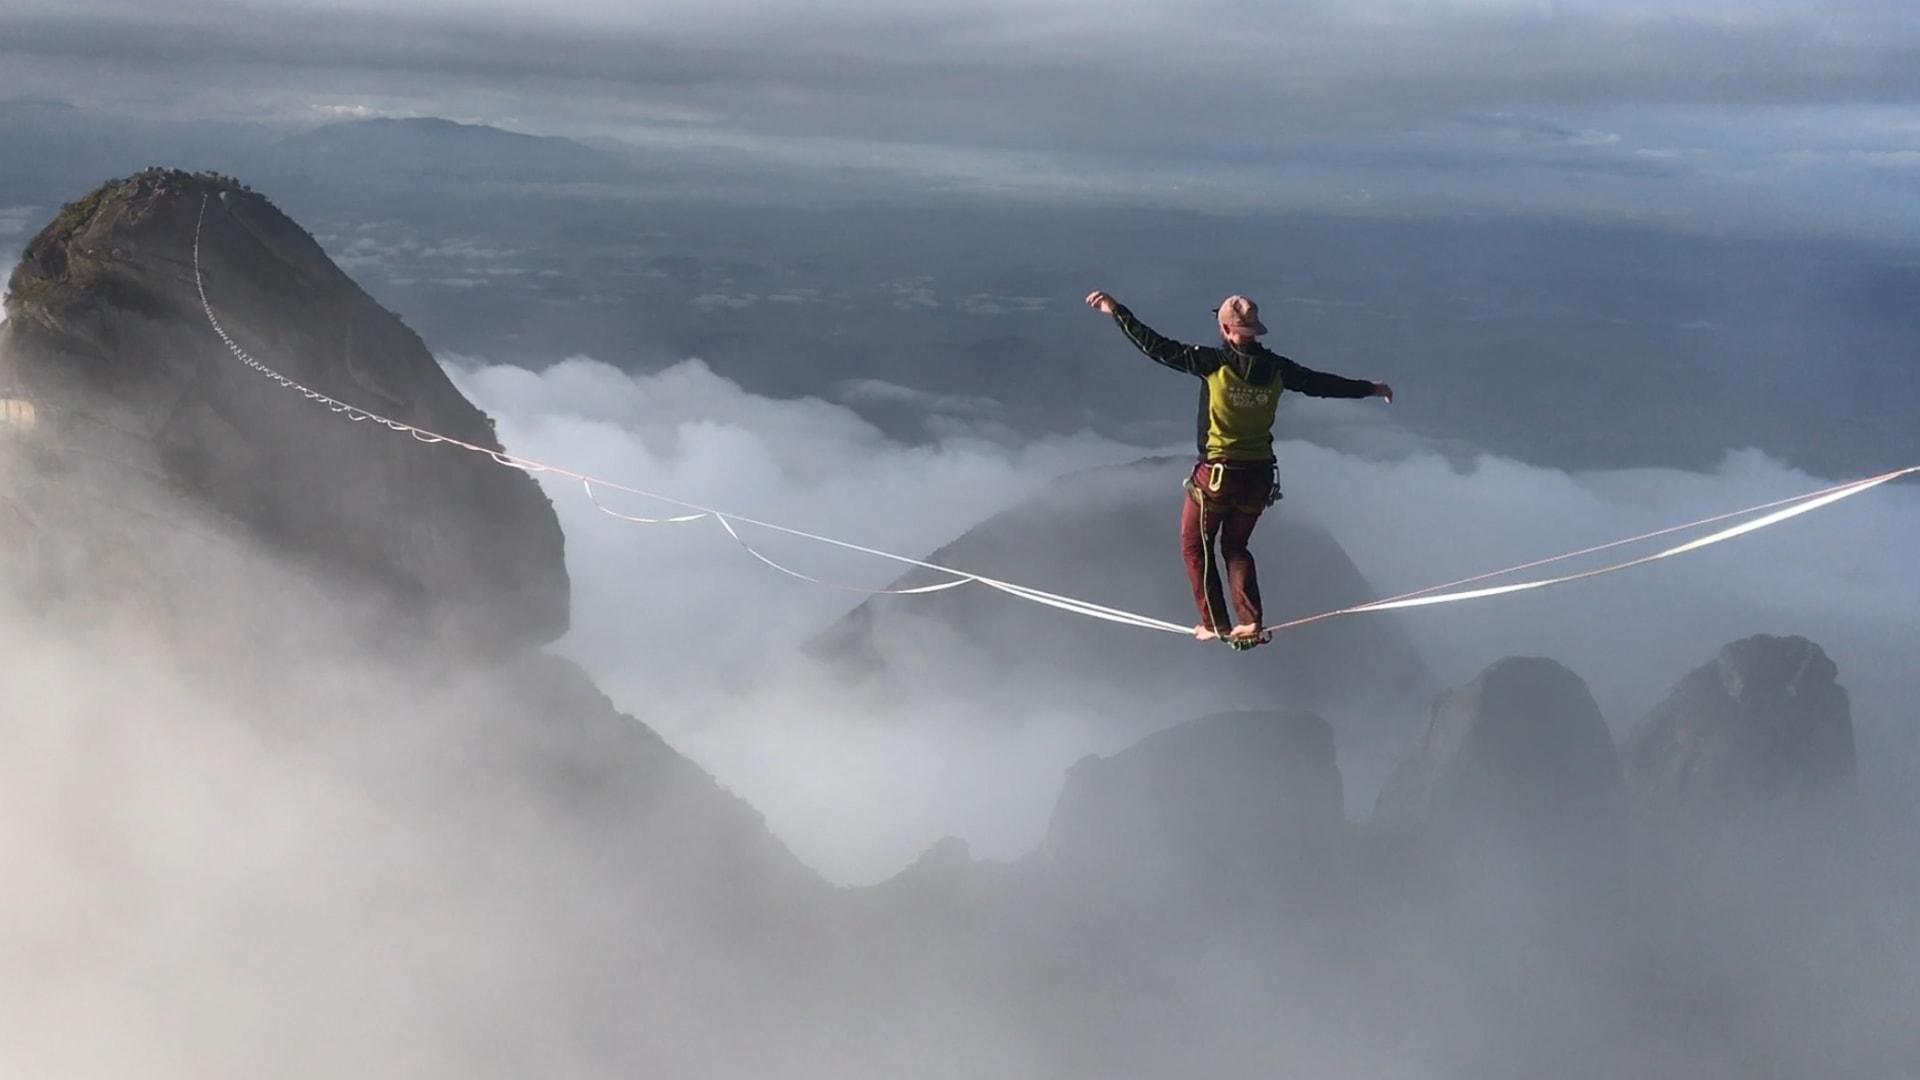 مغامر ينقل رياضة المشي على الحبال إلى مستويات أكثر خطورة